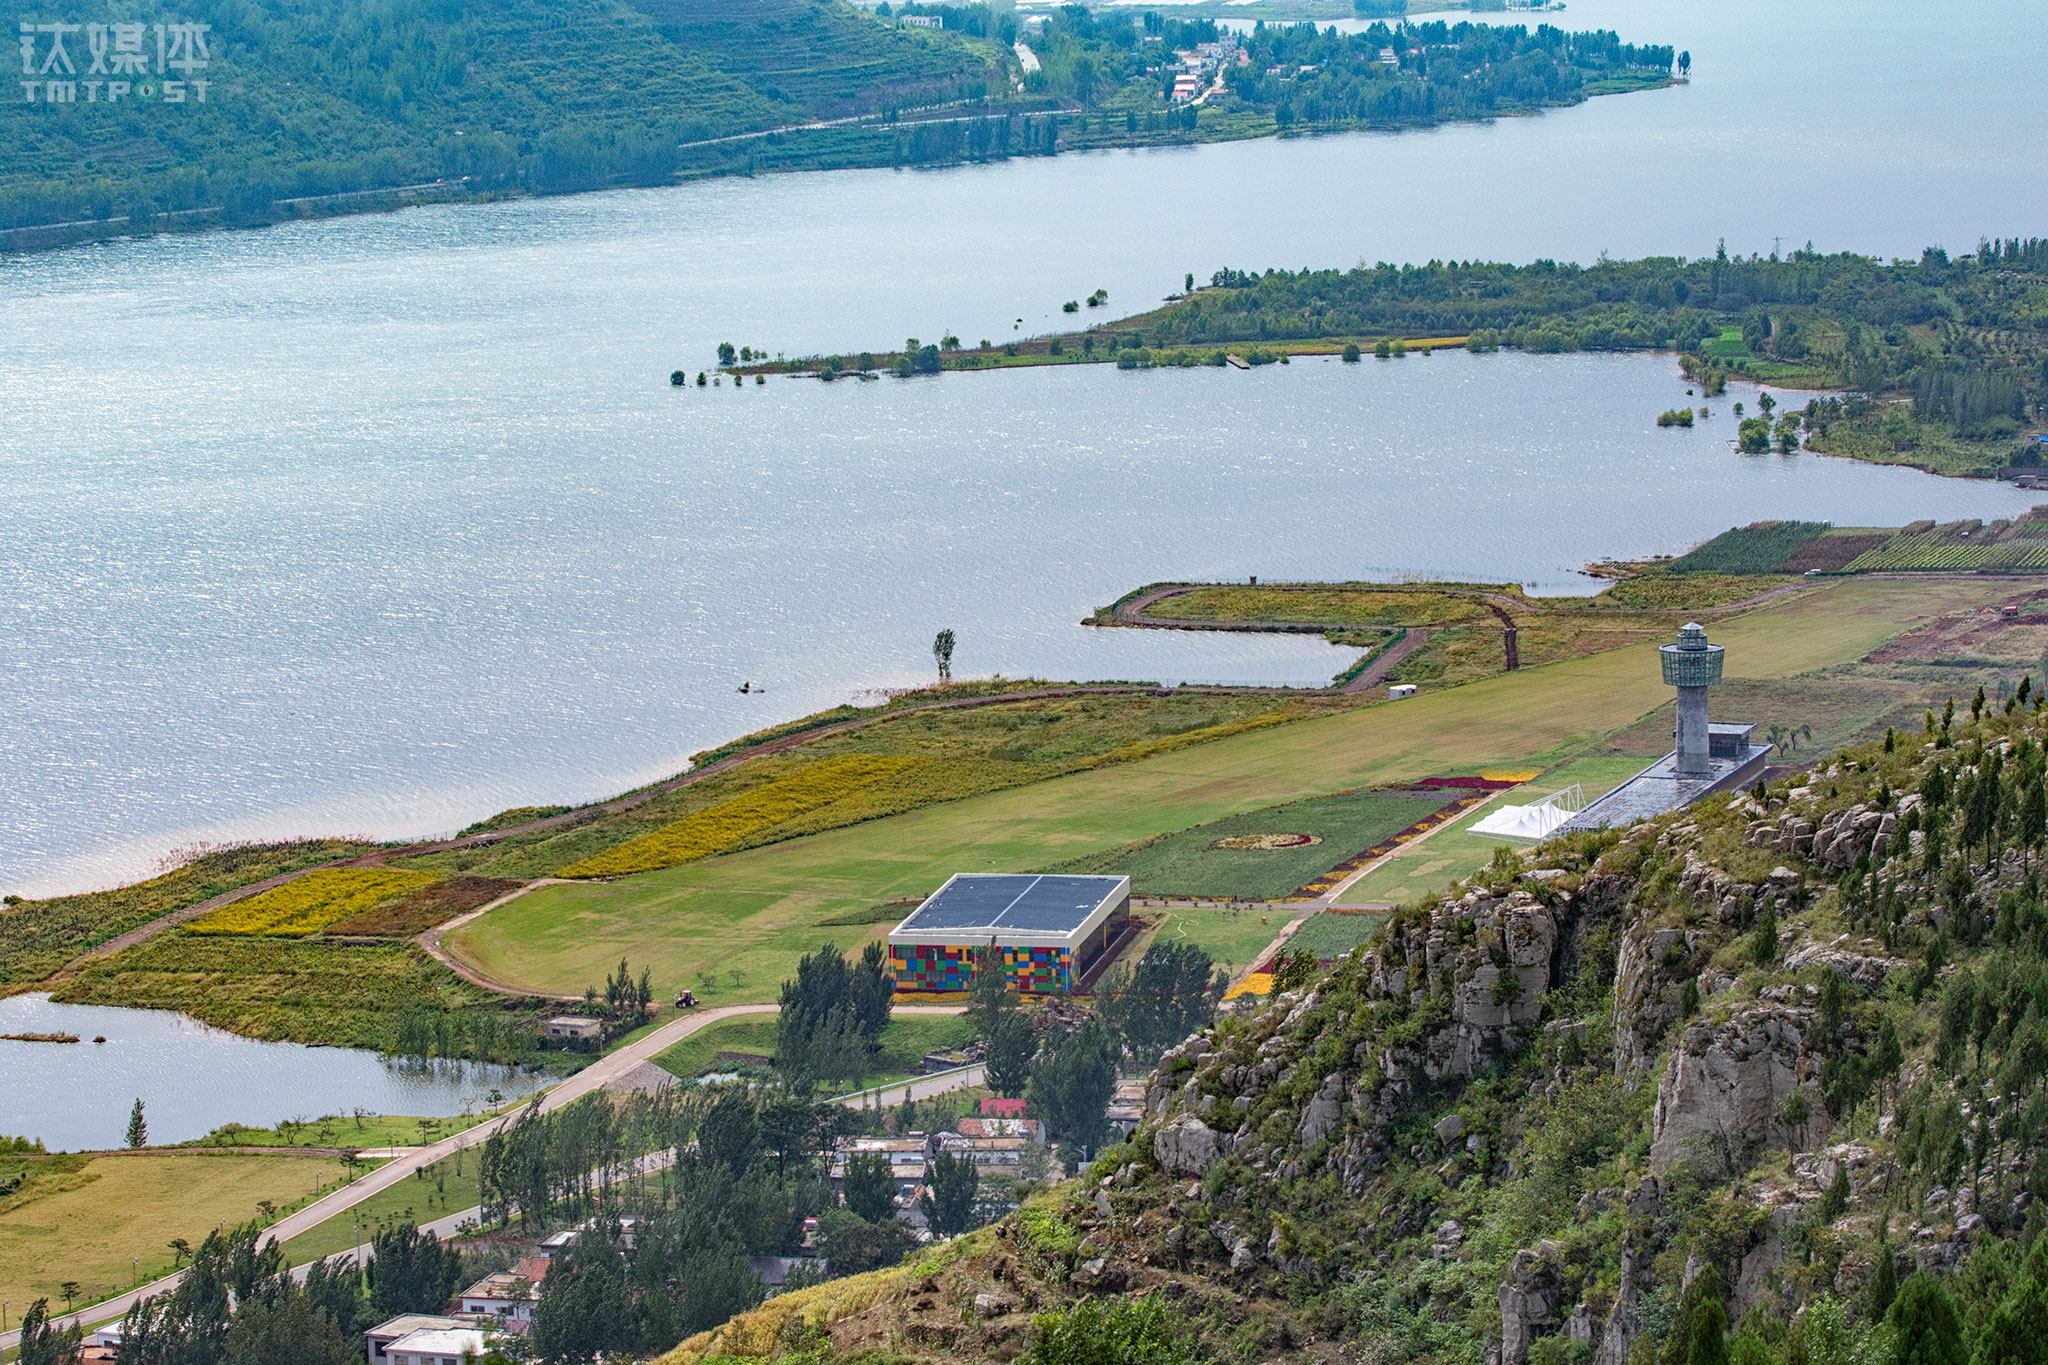 许家崖飞行营地的机库(左)、塔台(右)和跑道。这个营地位于许家崖水库西侧,占地四千亩,有审批空域一千平方公里,是中国第一批15个航空飞行示范营地之一。